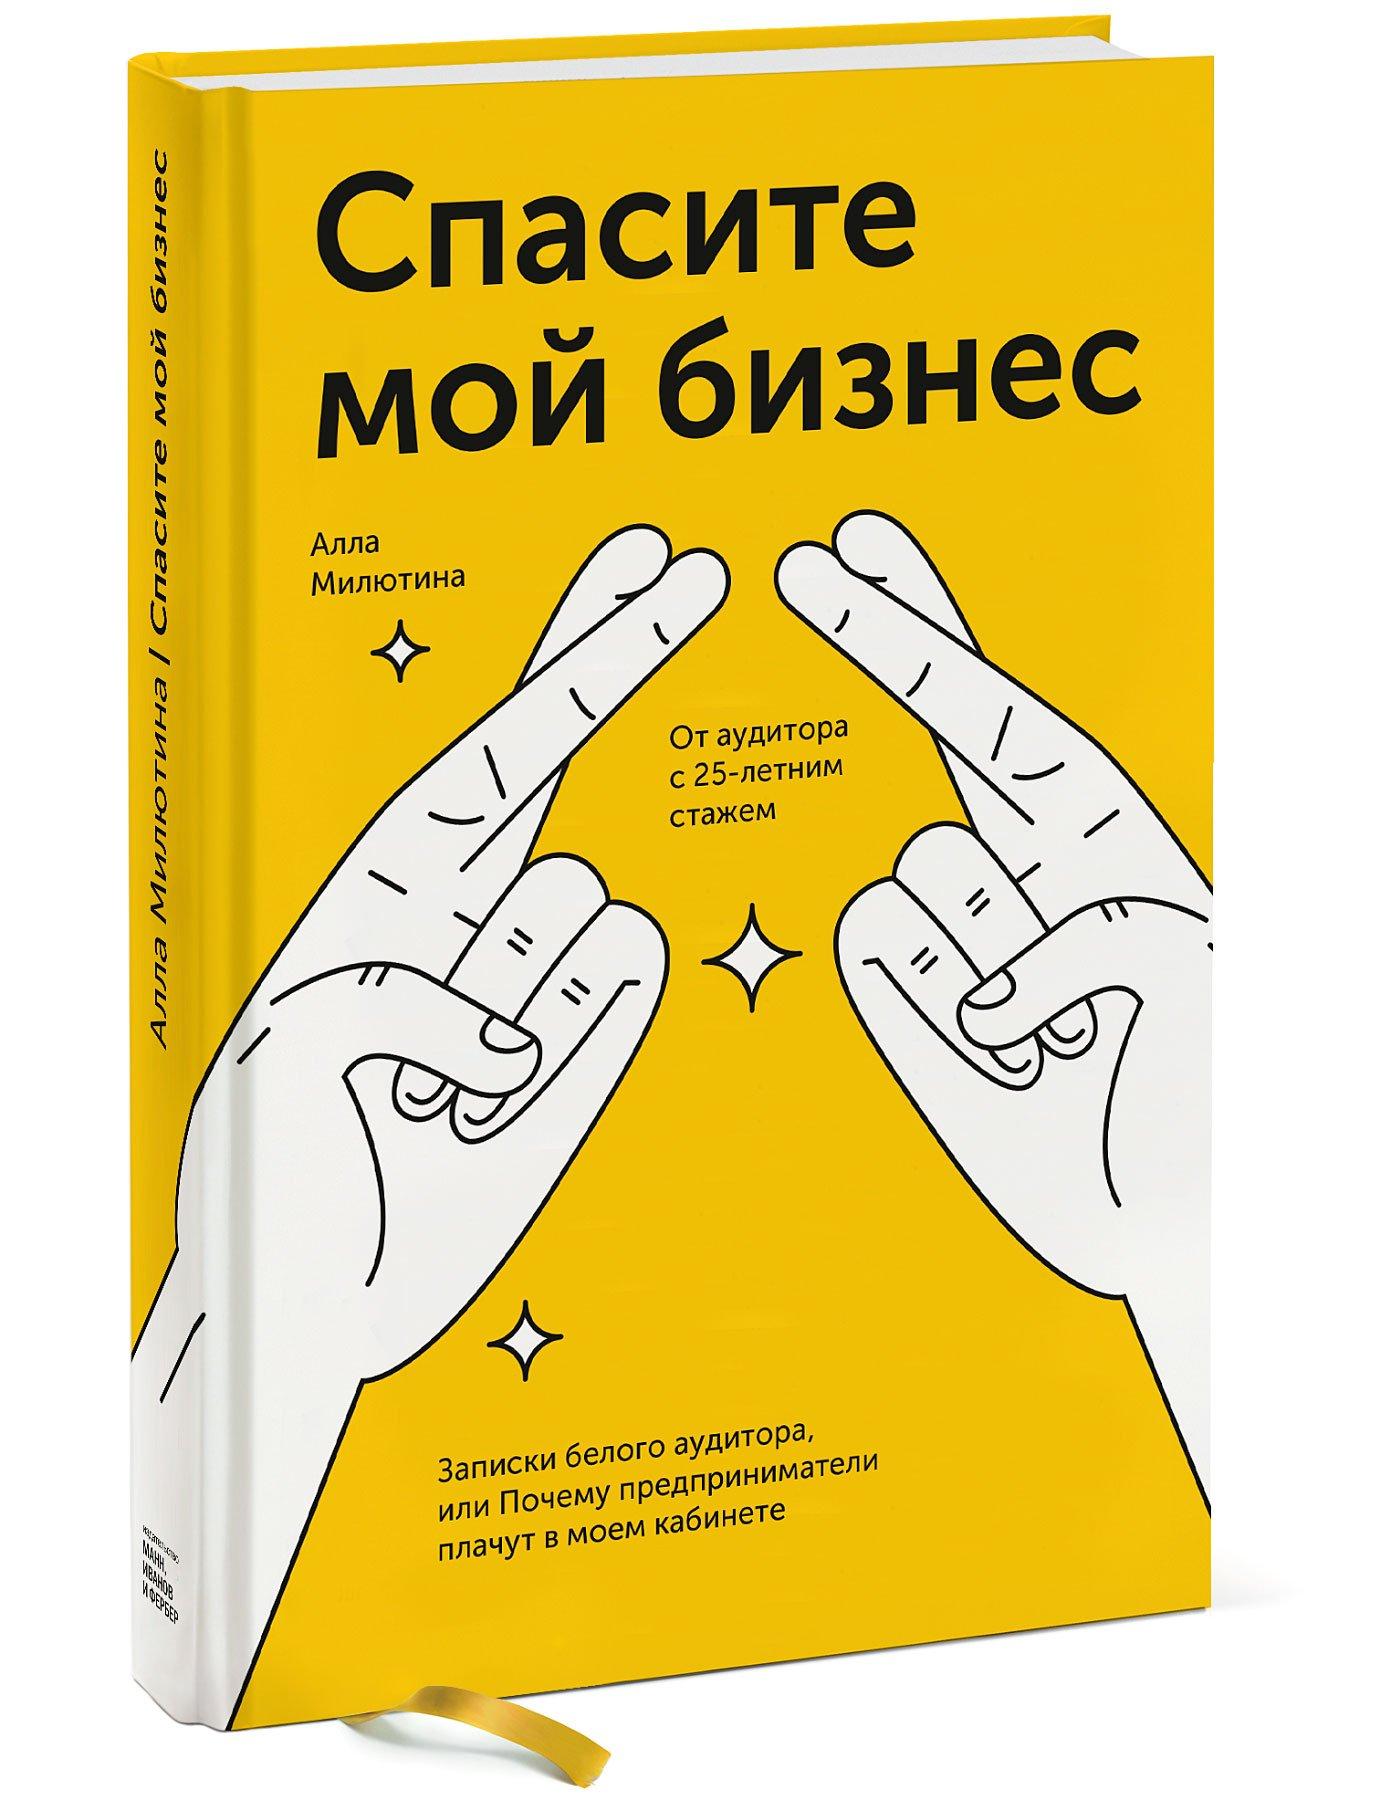 Zakazat.ru: Спасите мой бизнес. Записки белого аудитора, или Почему предприниматели плачут в моем кабинете. Алла Милютина